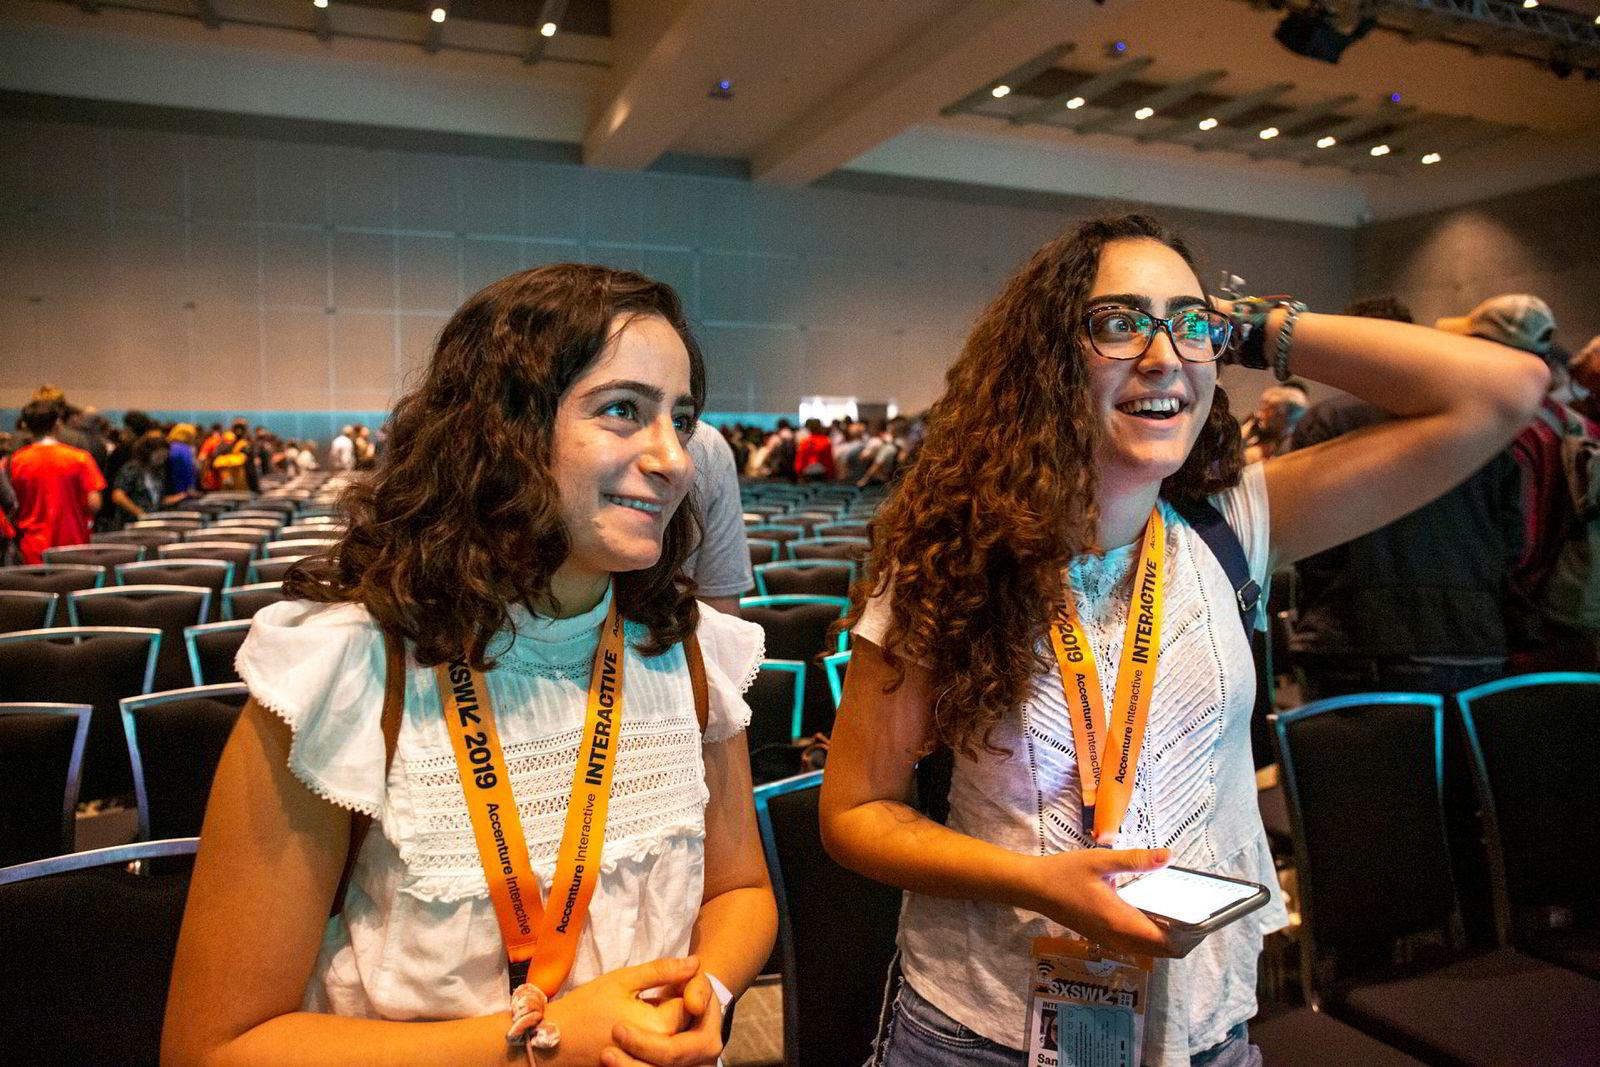 Nura Salhadar (til venstre) og Samia Paghestani er oppvokst i Texas på grensen til Mexico og studerer ved Universitetet i Austin. De er oppglødd etter opptredenen til Ocasio-Cortez og vil delta i grasrotbevegelsen.